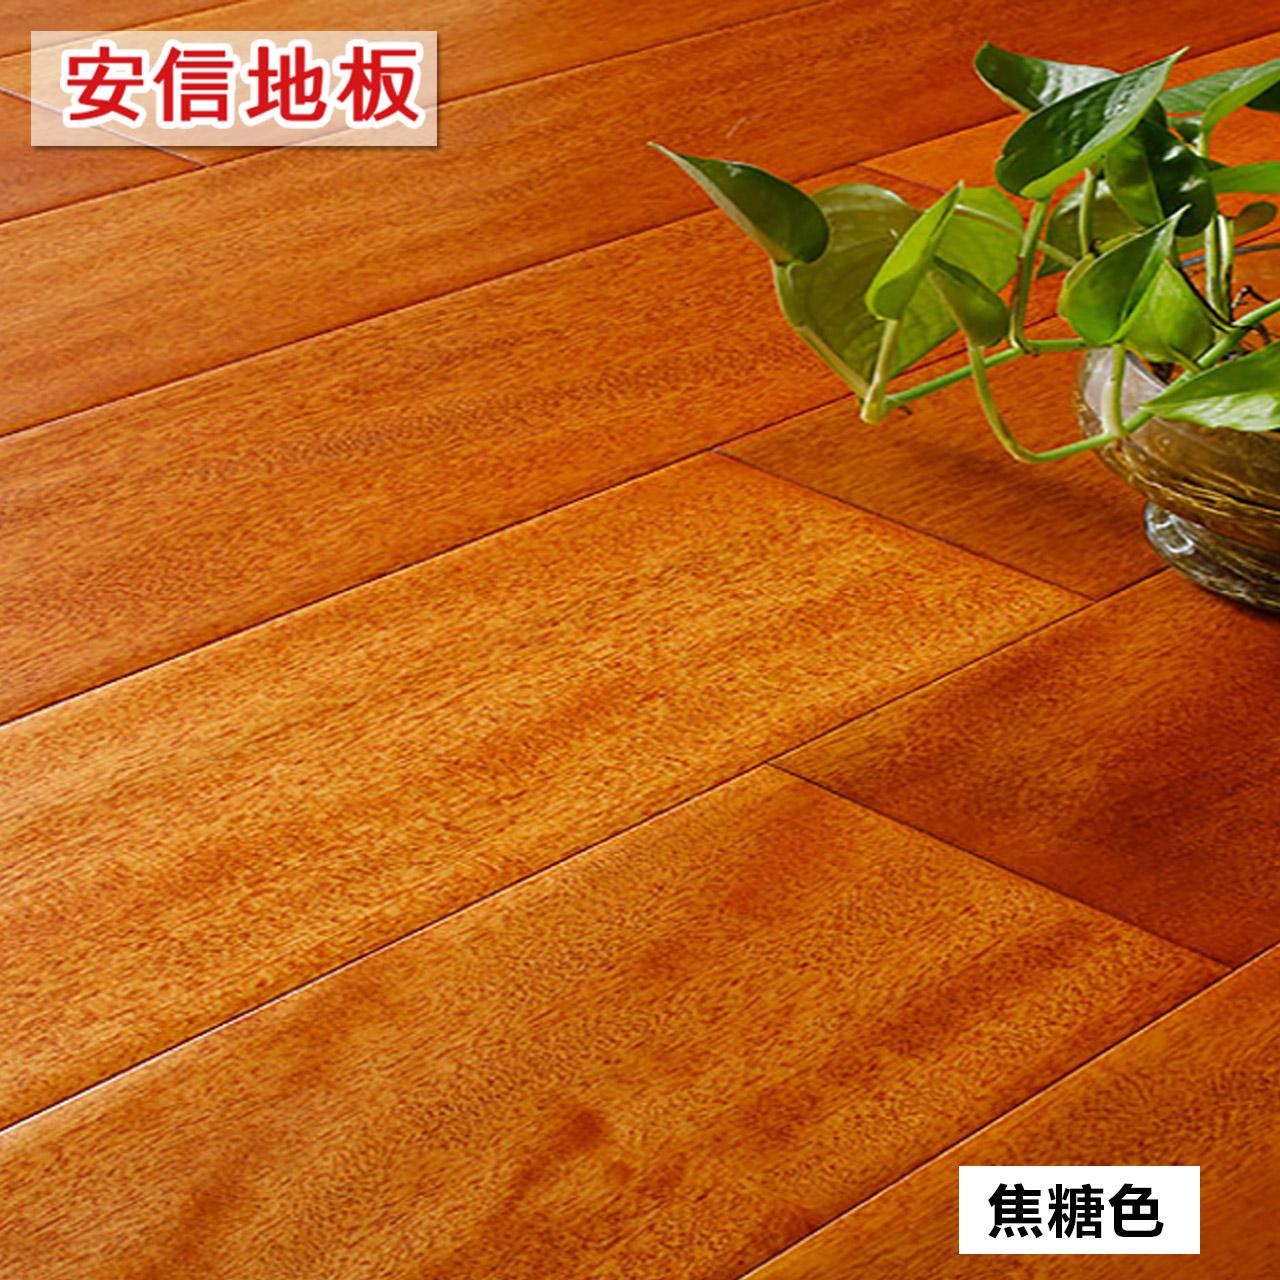 安信 卡罗木纯正全实木仿古地板 复古风格 厂家直销